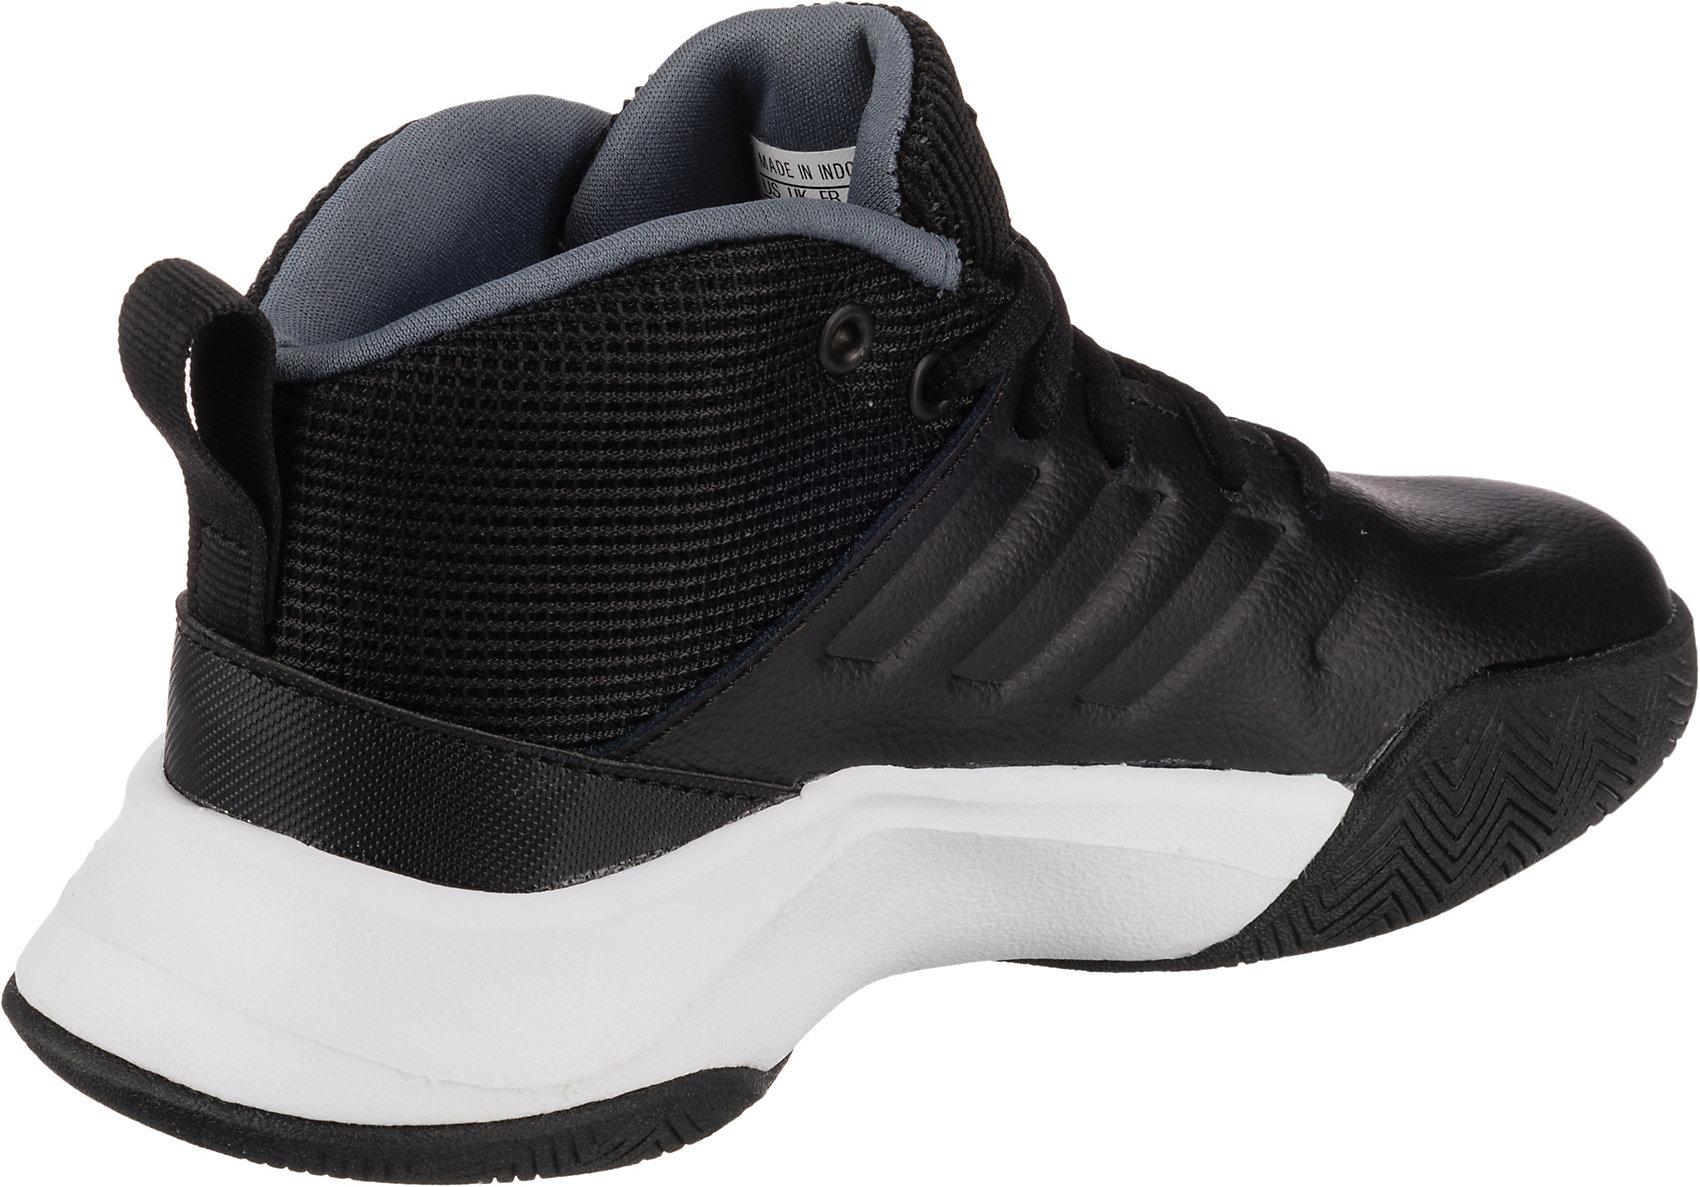 Details zu Neu adidas Performance Basketballschuhe OWNTHEGAME K WIDE für Jungen 11174659